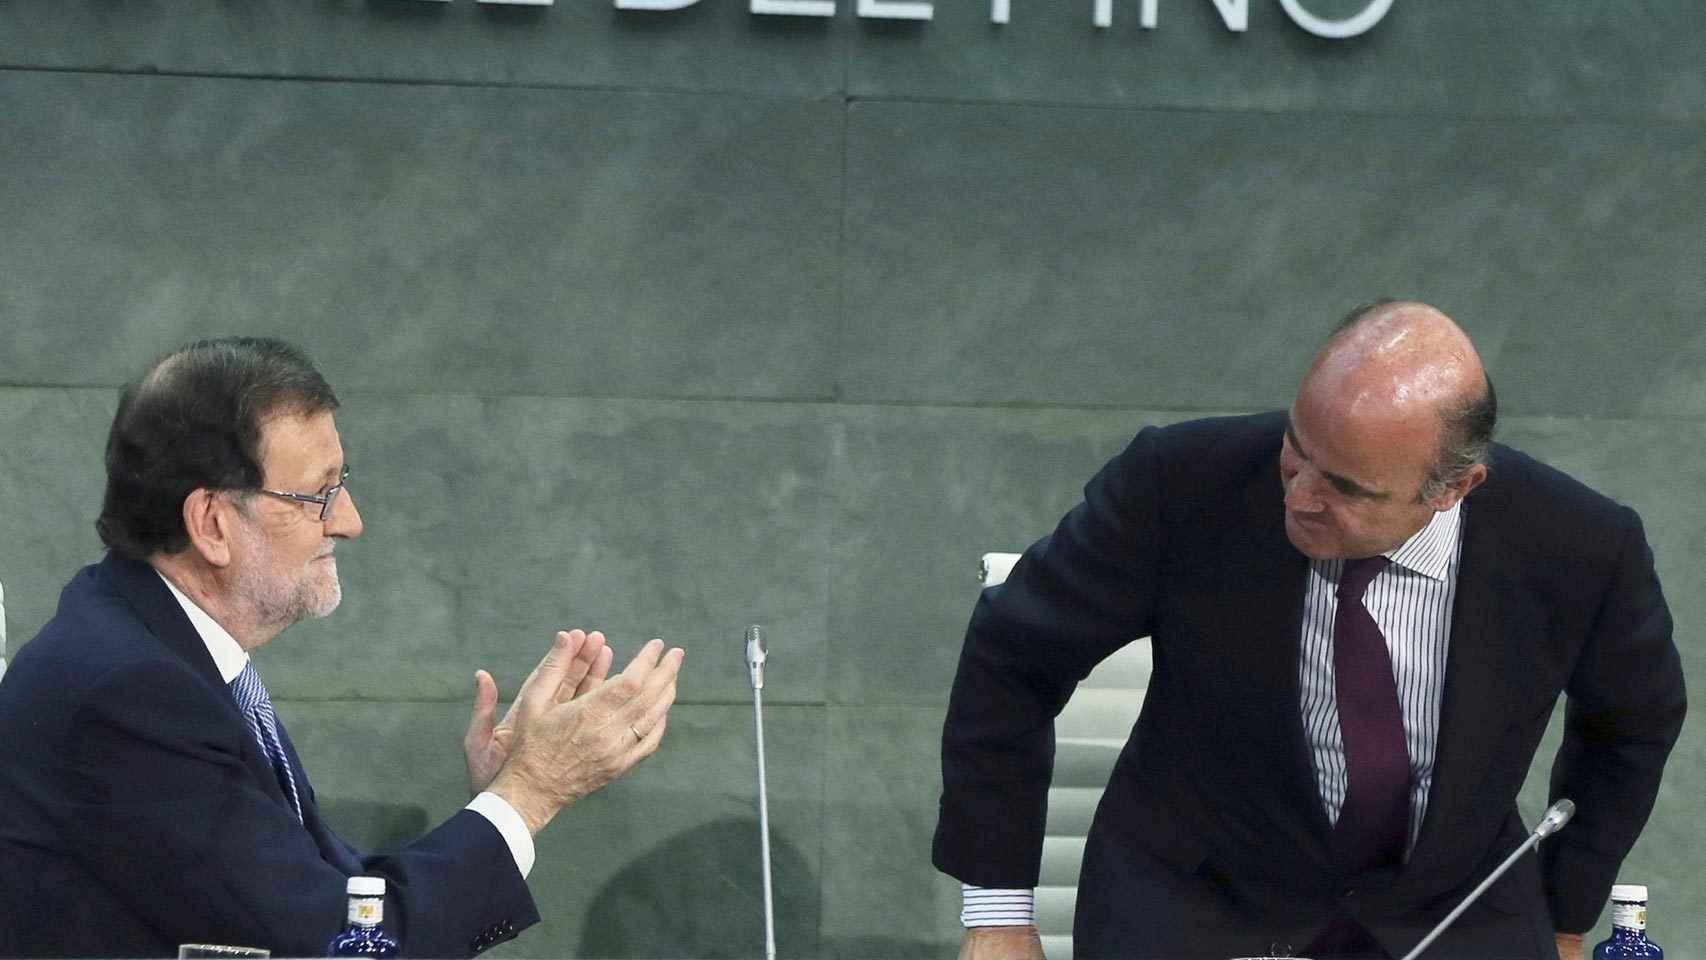 Rajoy aplaude al ministro De Guindos tras su intervención